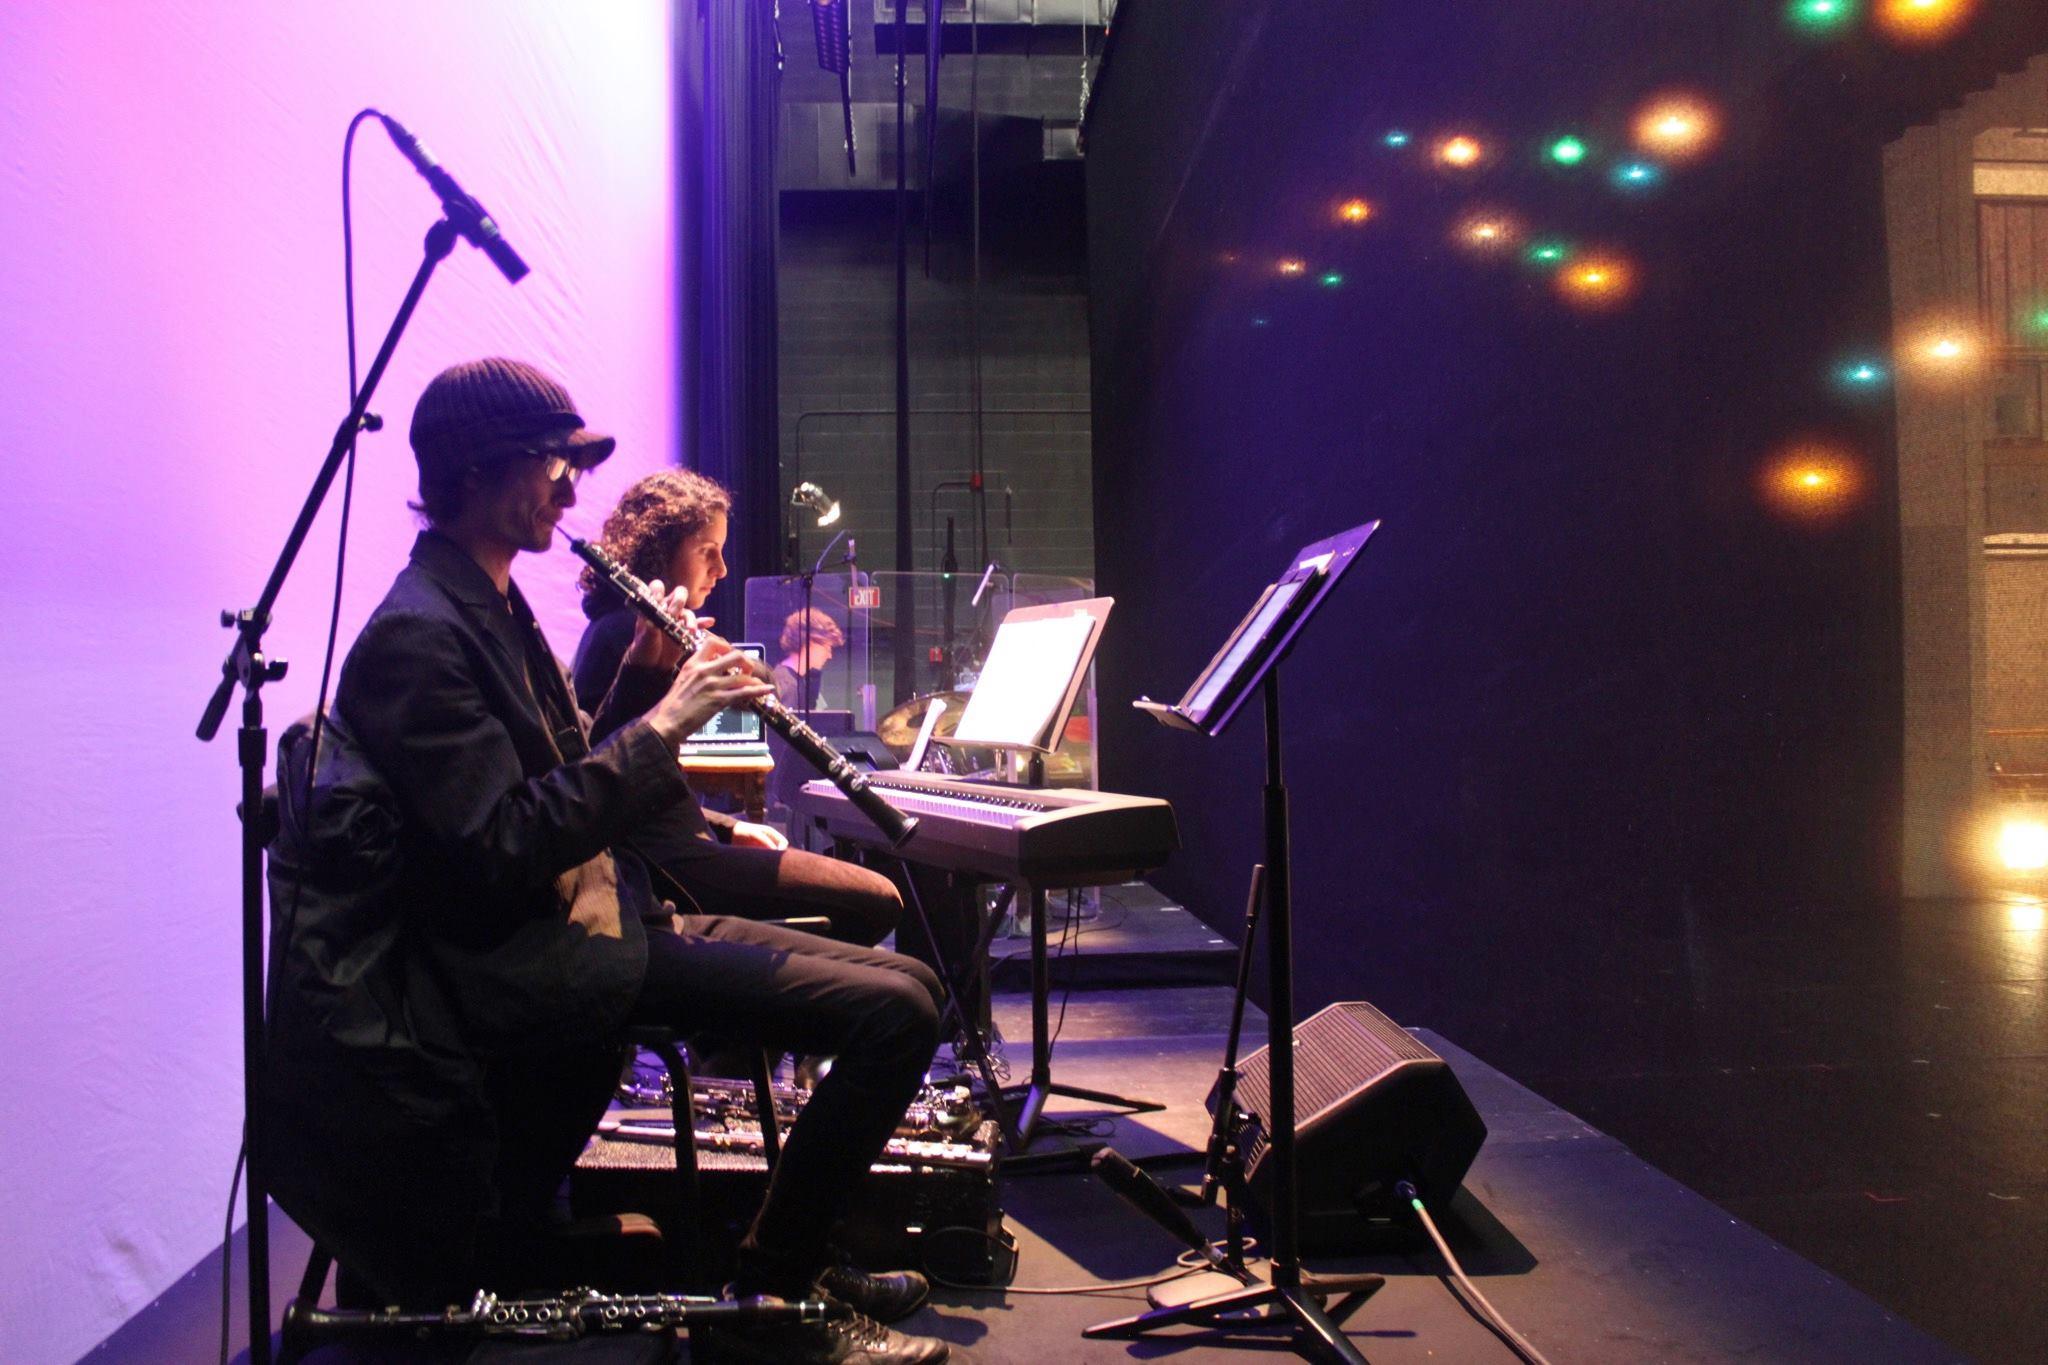 Falsettoland Oboe.jpg